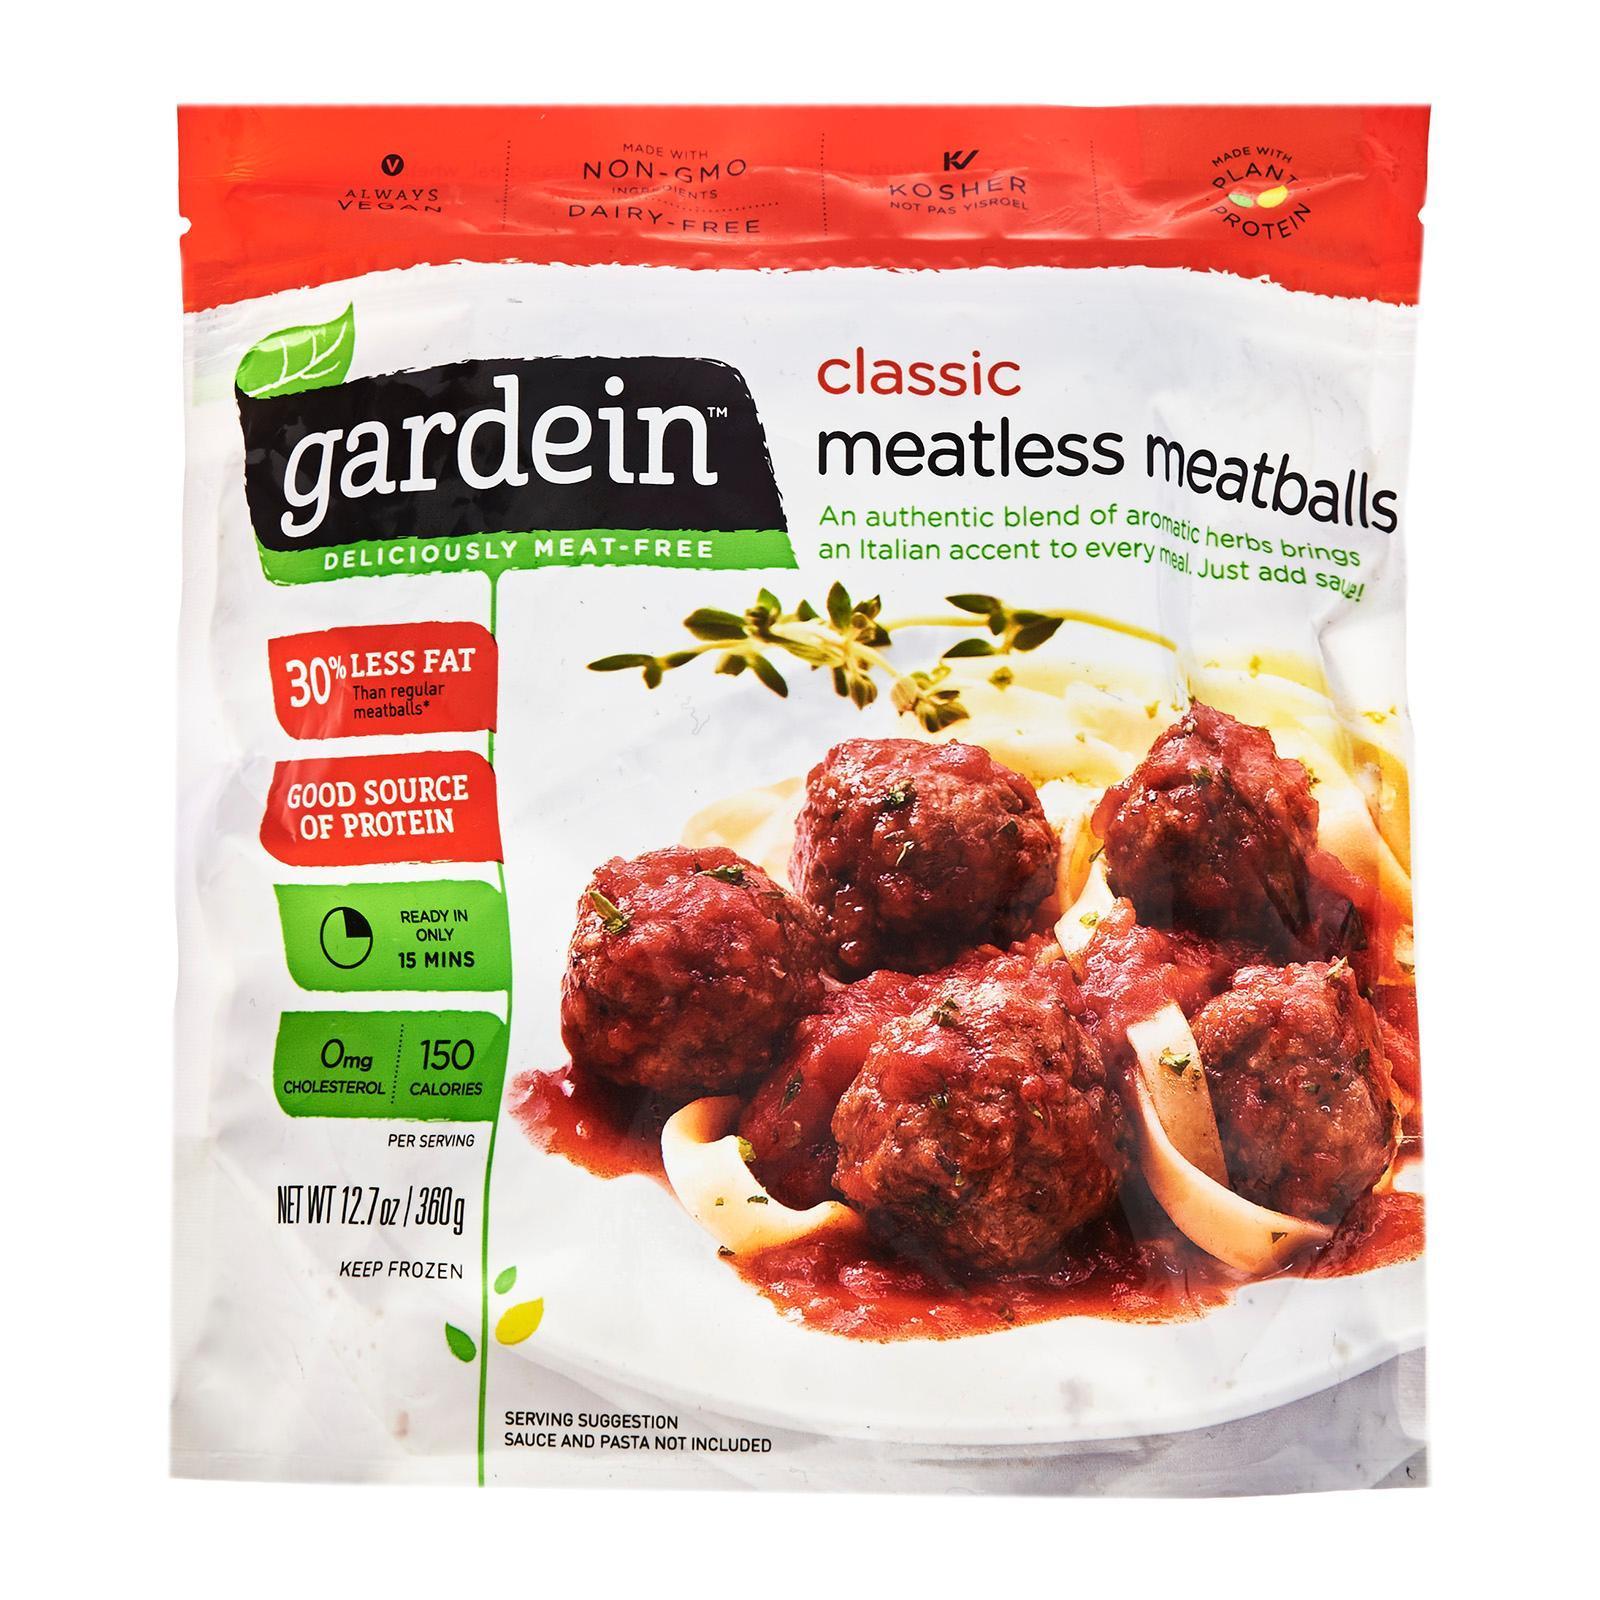 Gardein Vegetarian Meatless Meatballs - Frozen